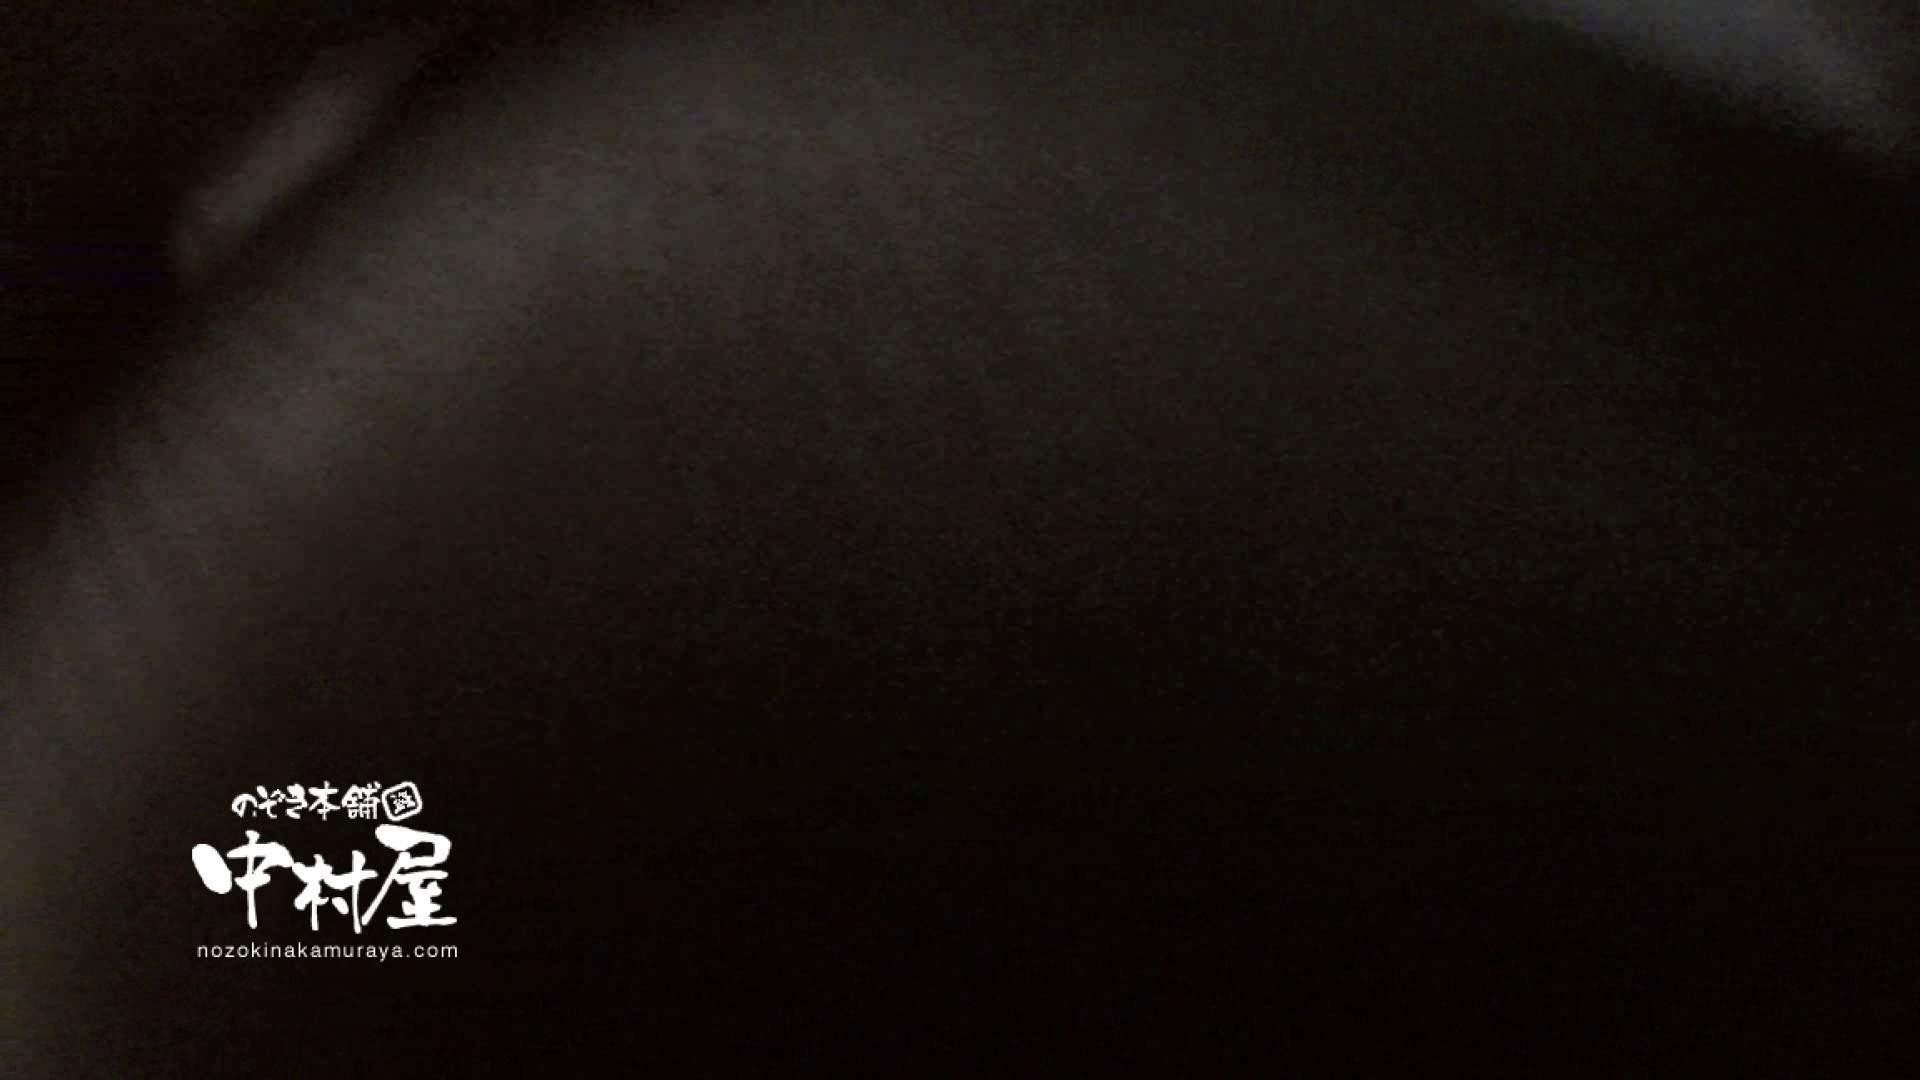 鬼畜 vol.15 ハスキーボイスで感じてんじゃねーよ! 前編 いやらしいOL ぱこり動画紹介 25連発 14